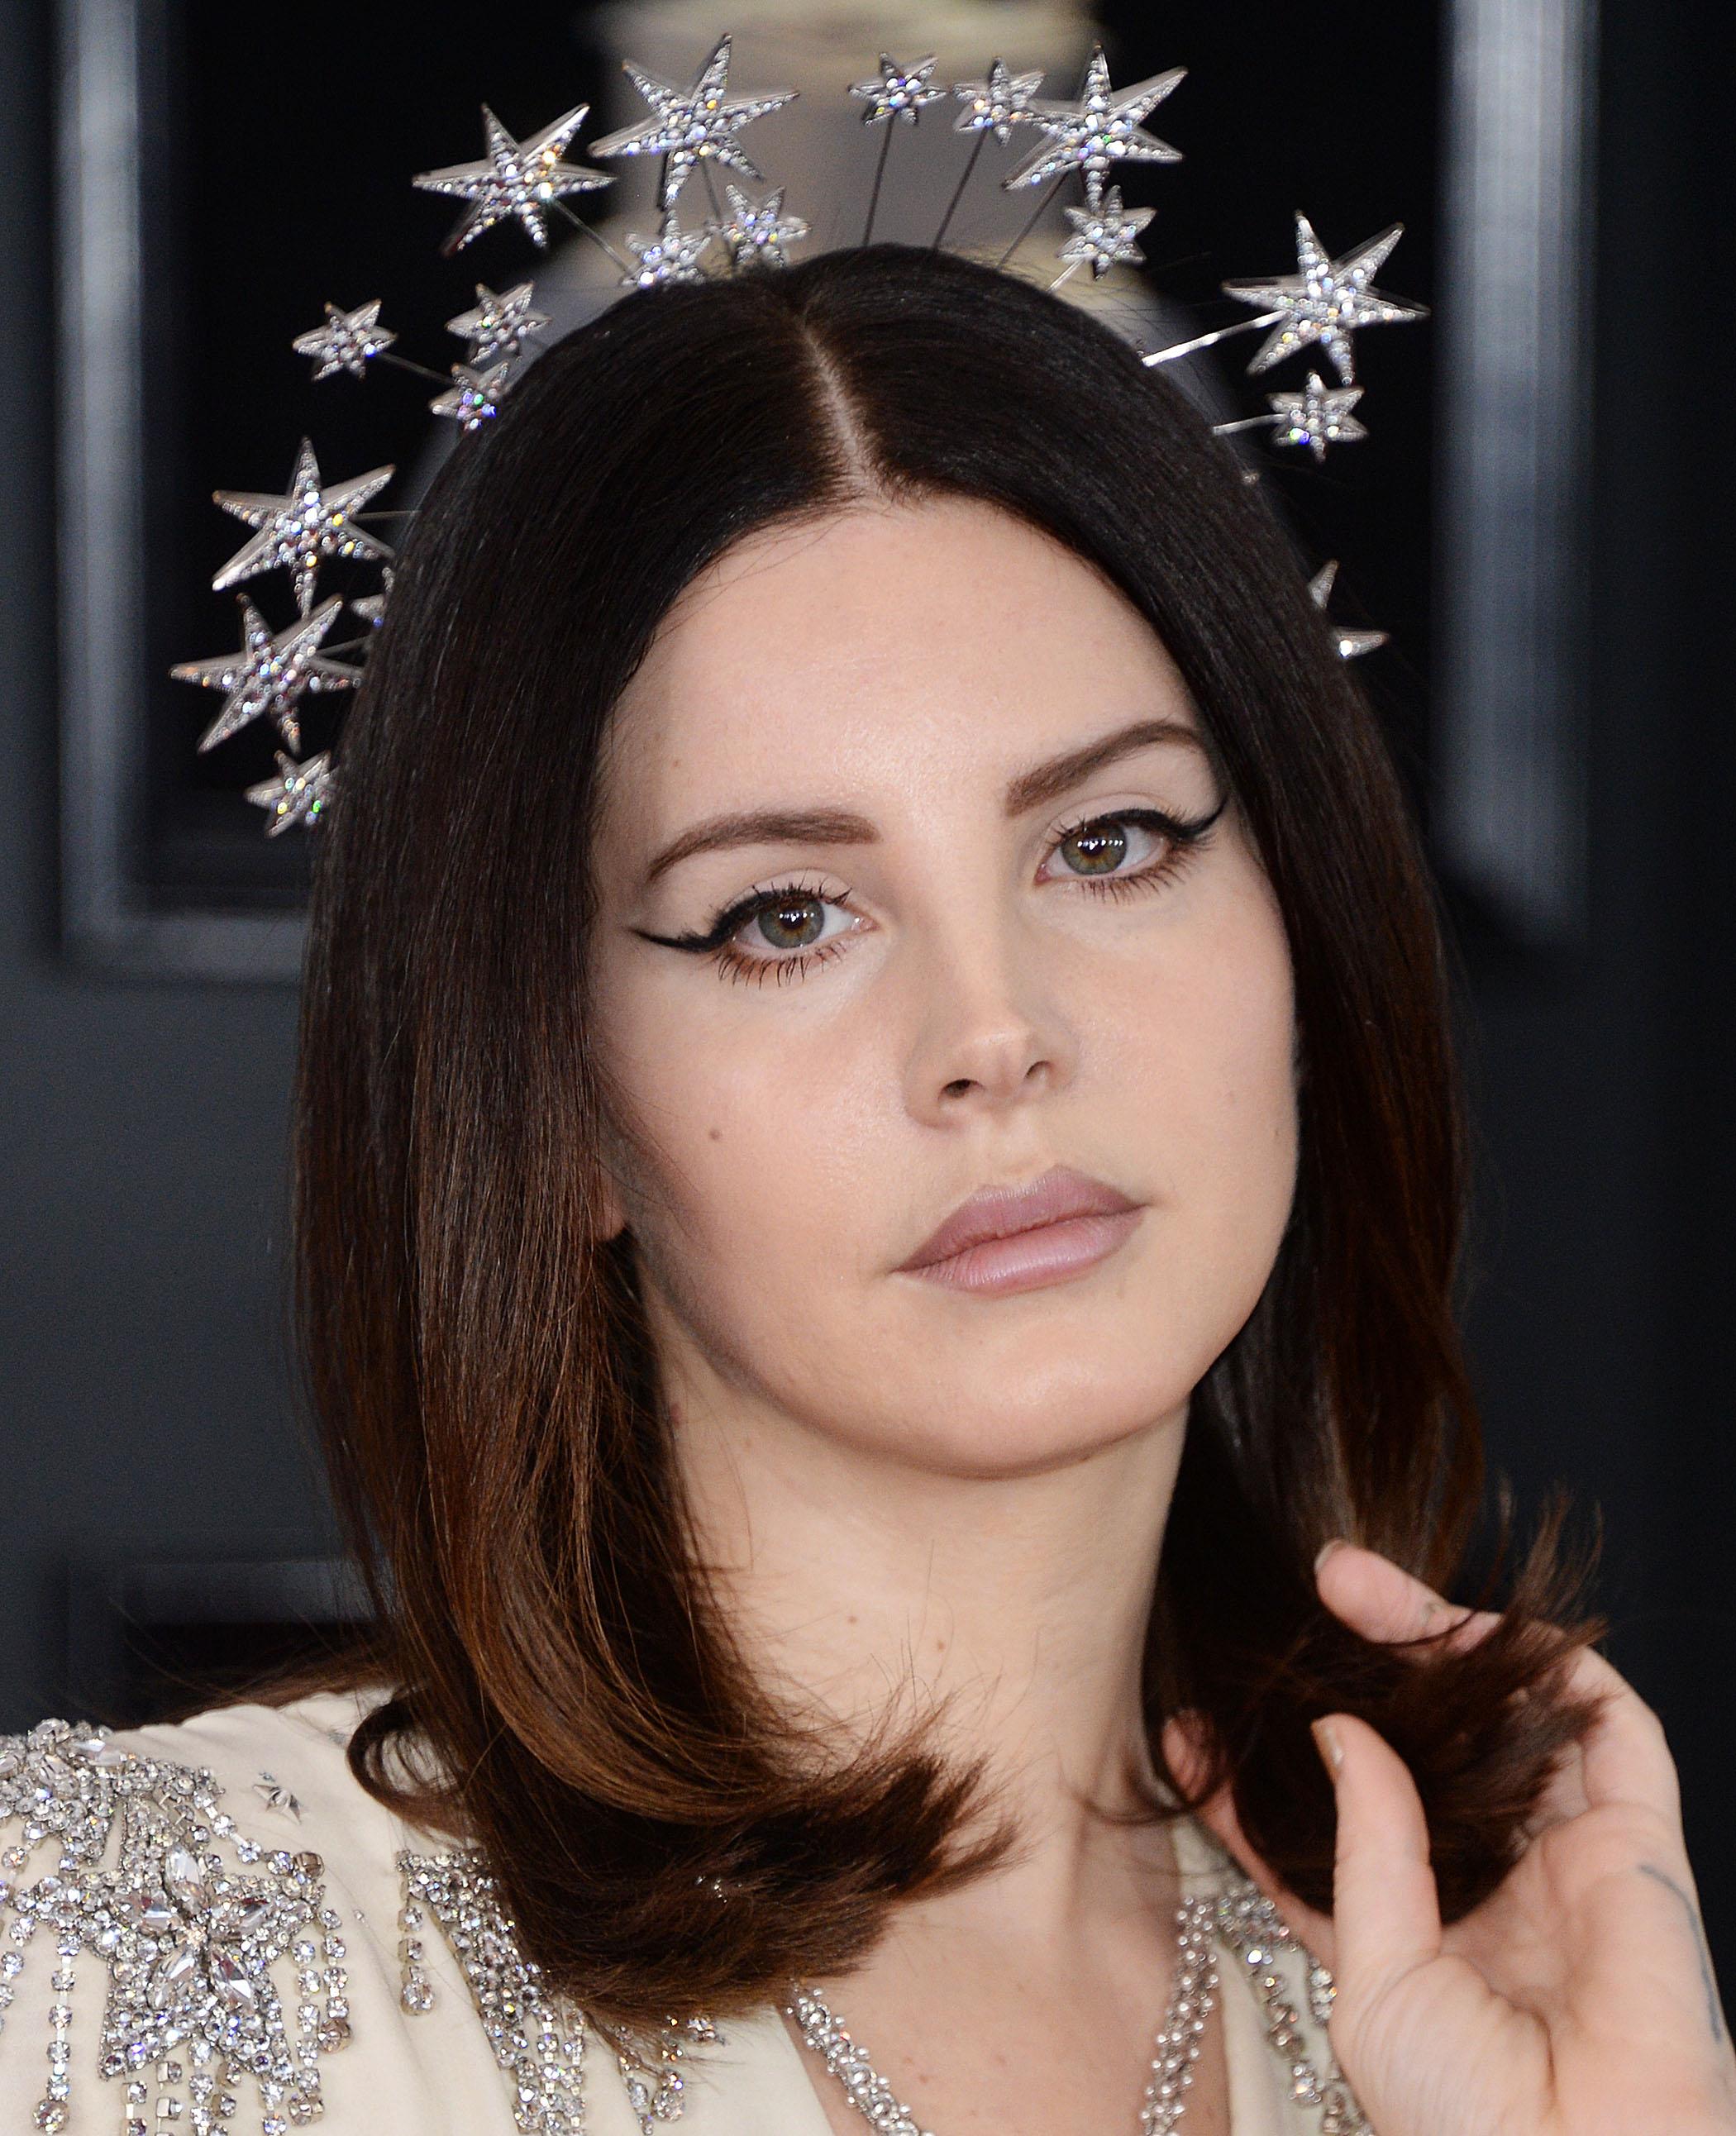 Lana del rey con pelo negro y coronita de estrellas